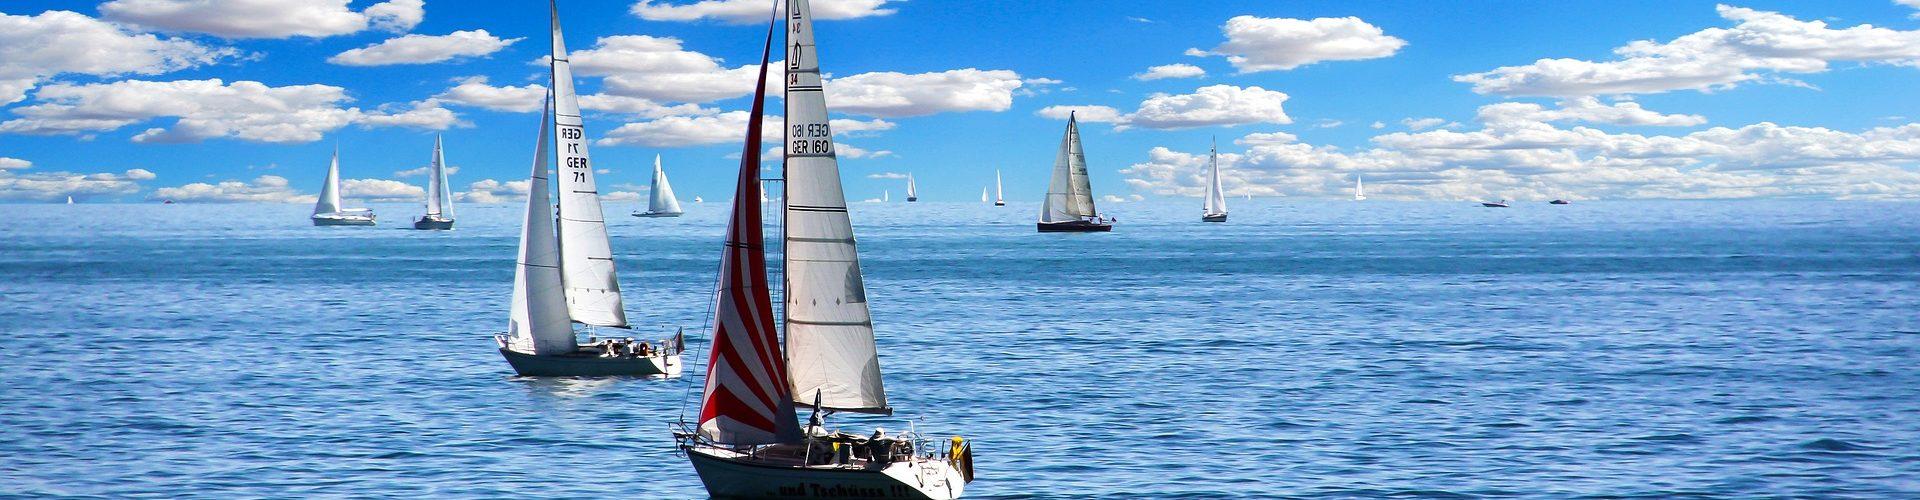 segeln lernen in Bühl segelschein machen in Bühl 1920x500 - Segeln lernen in Bühl